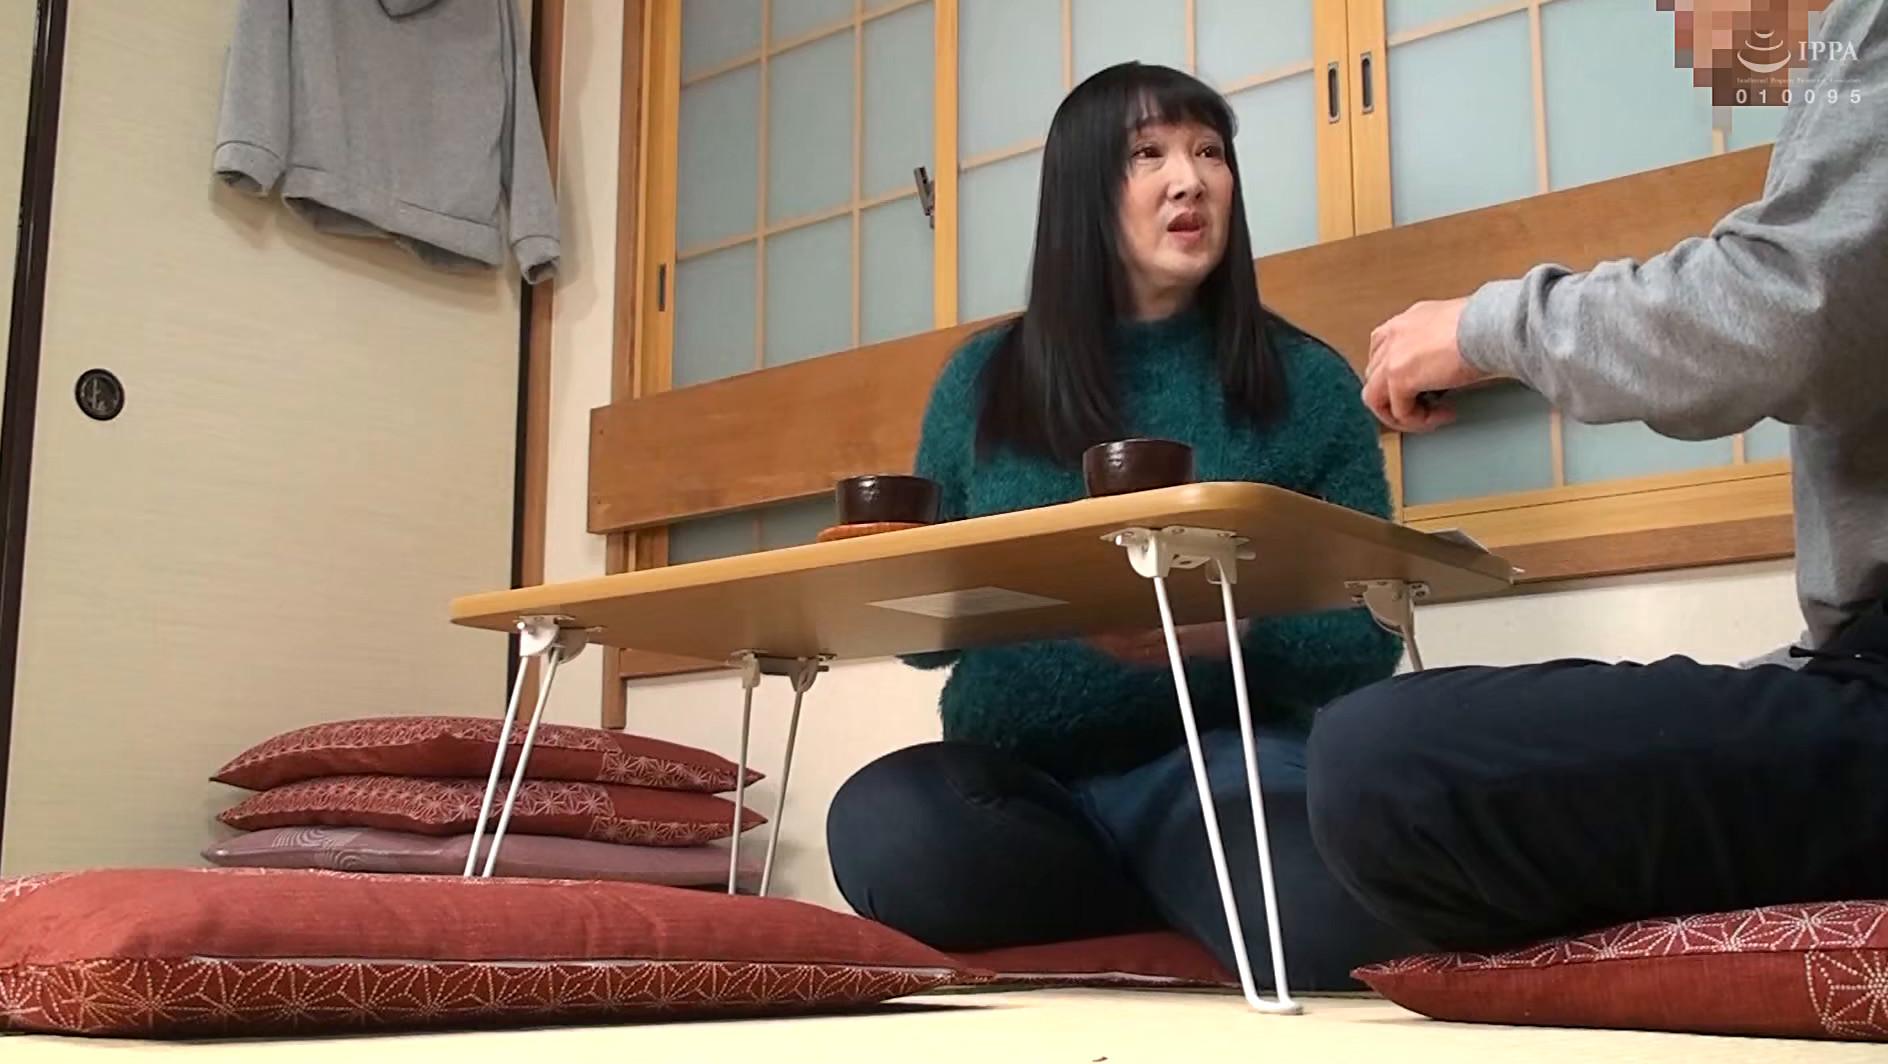 山村集落のおばさんを喰いまくる 原田京子さん(53歳)の場合 画像2